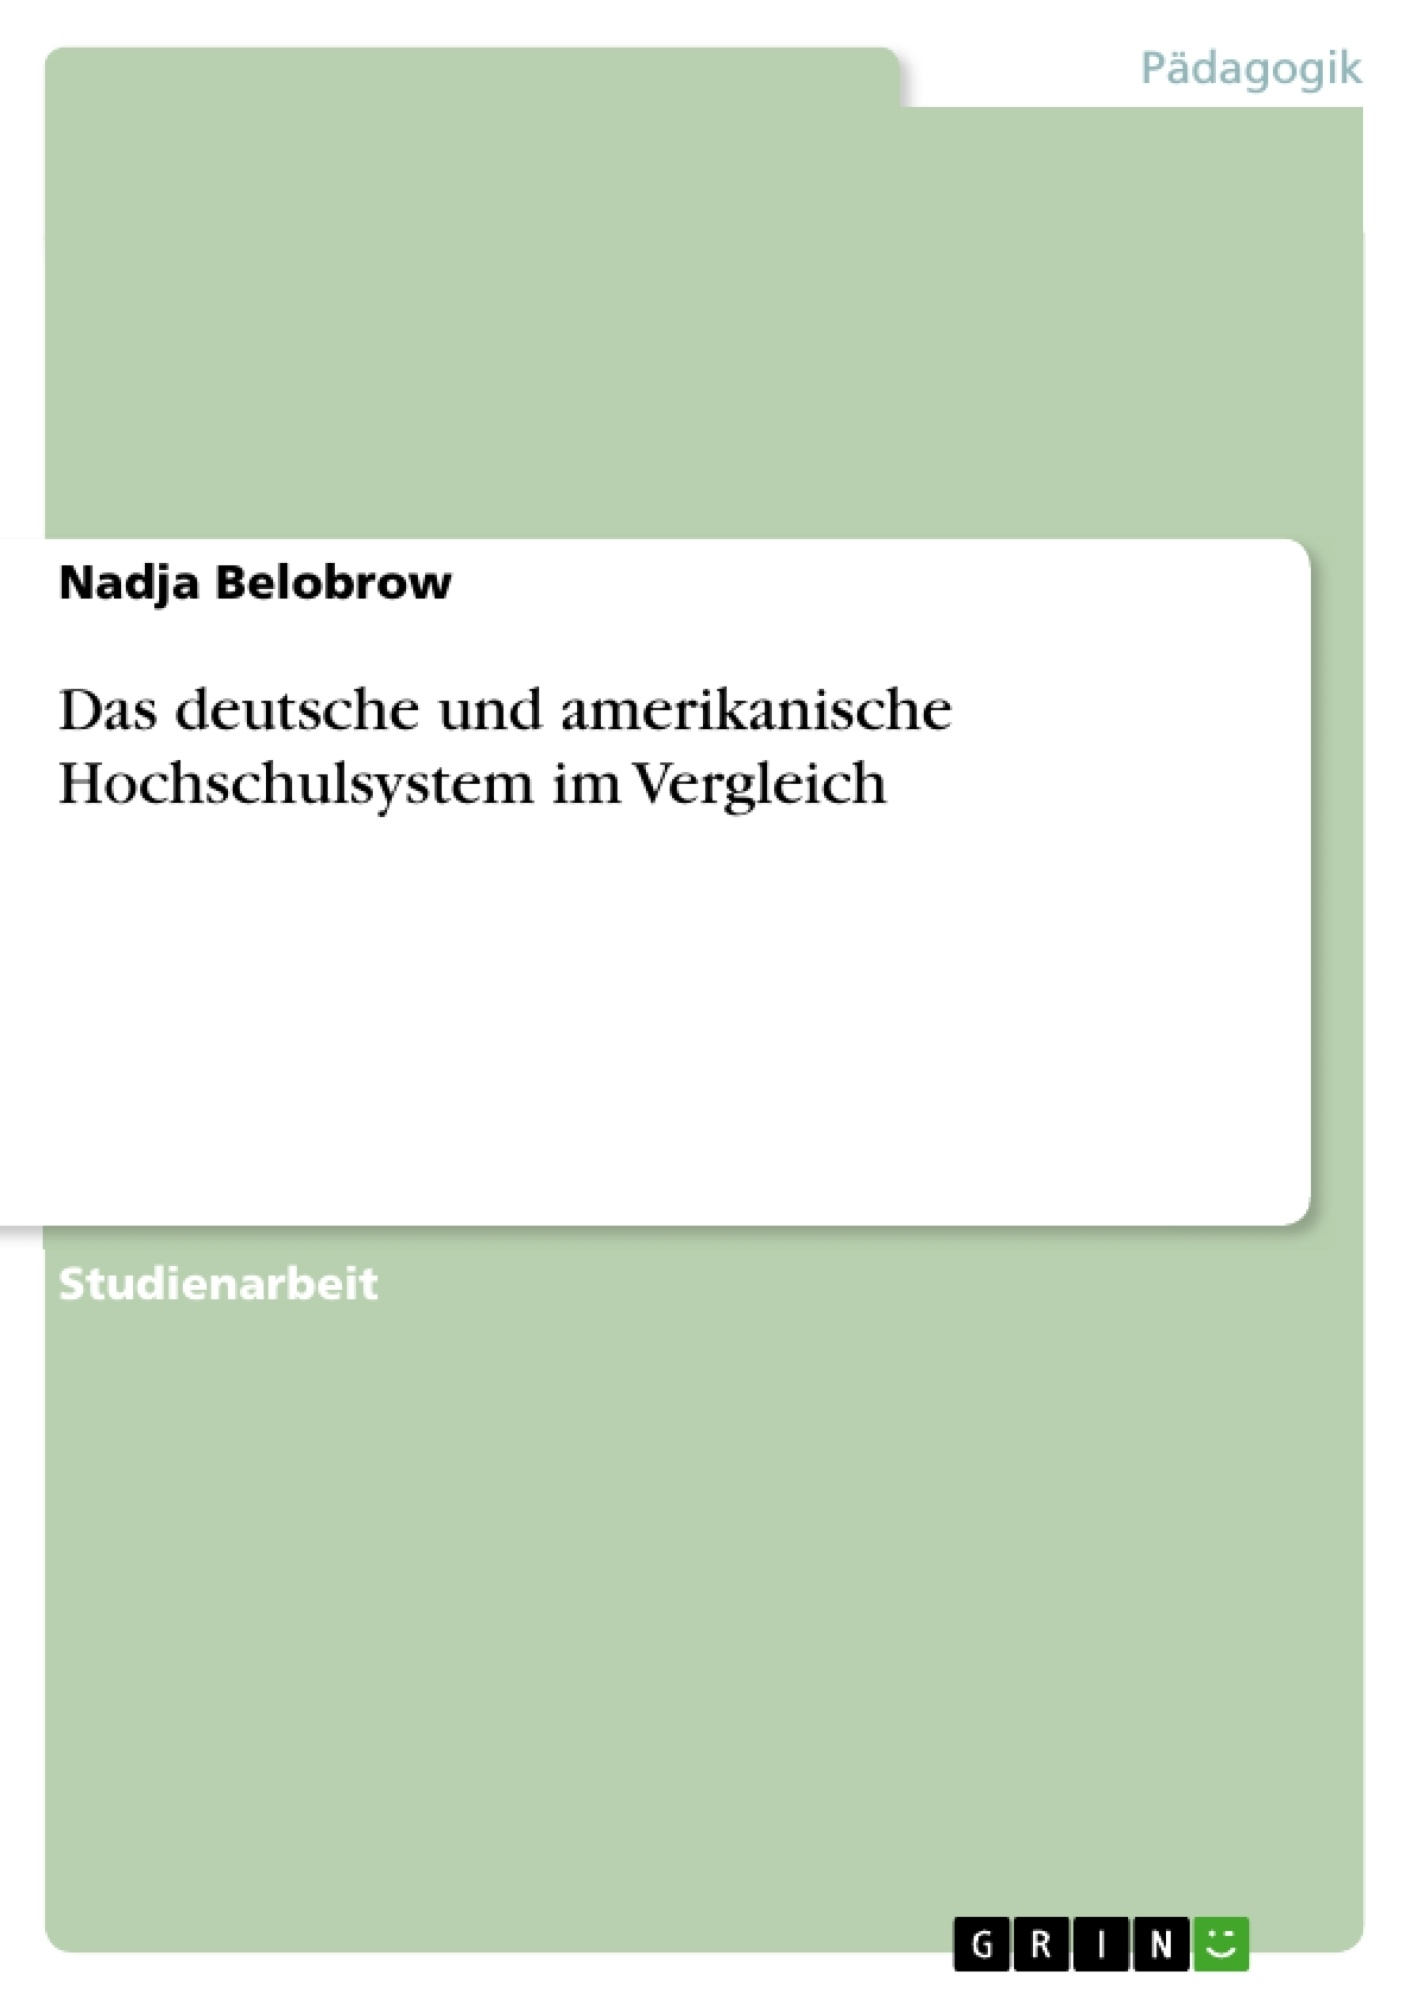 Titel: Das deutsche und amerikanische Hochschulsystem im Vergleich